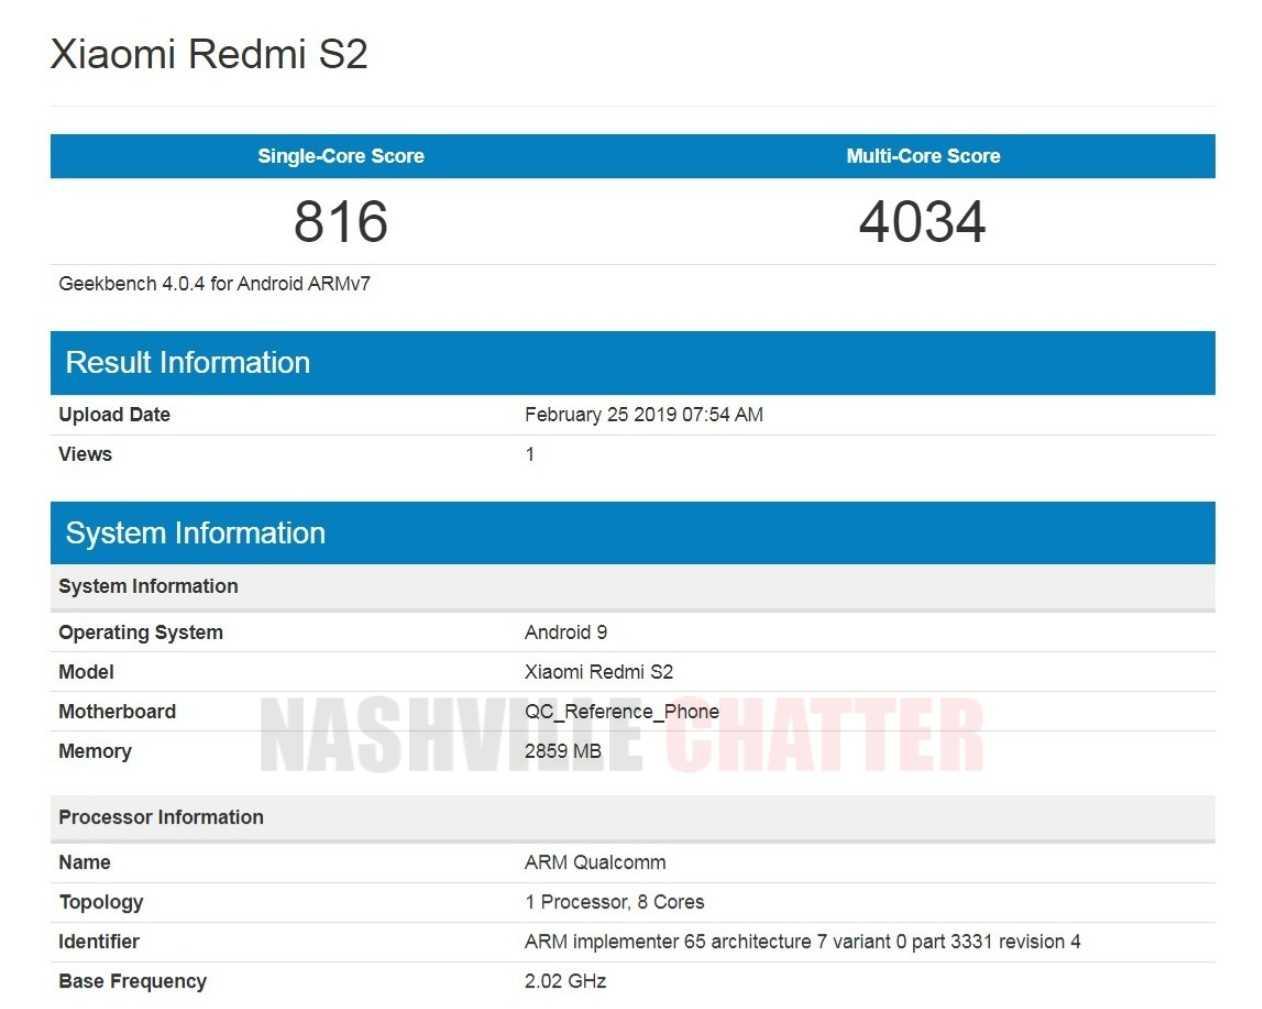 Xiaomi Redmi S2 (Redmi Y2) to Get Android Pie Update Soon